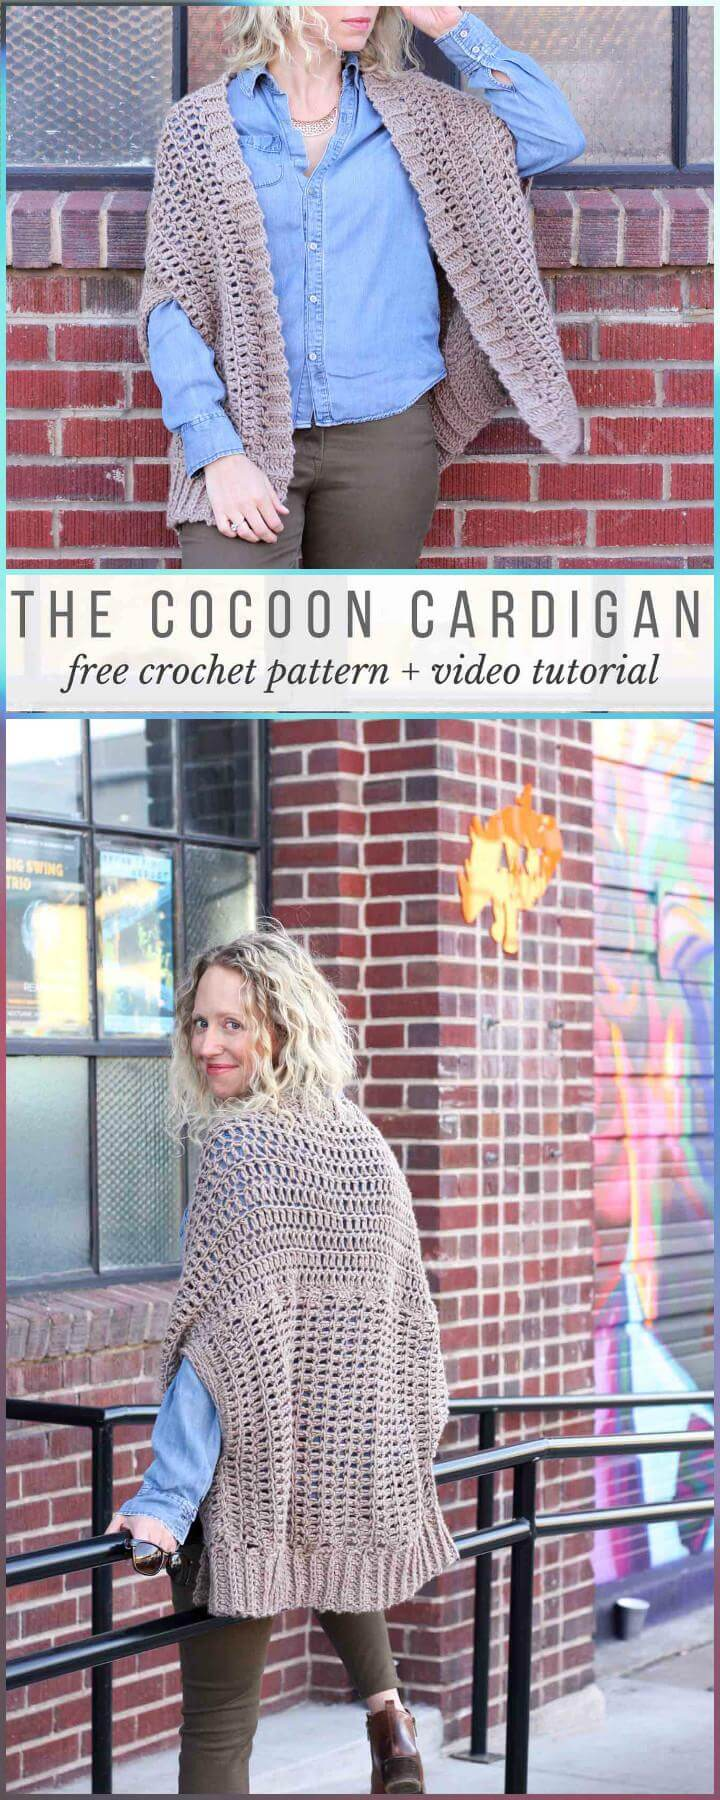 Cárdigan Cocoon de Crochet con Patrón Gratis y Video Tutorial